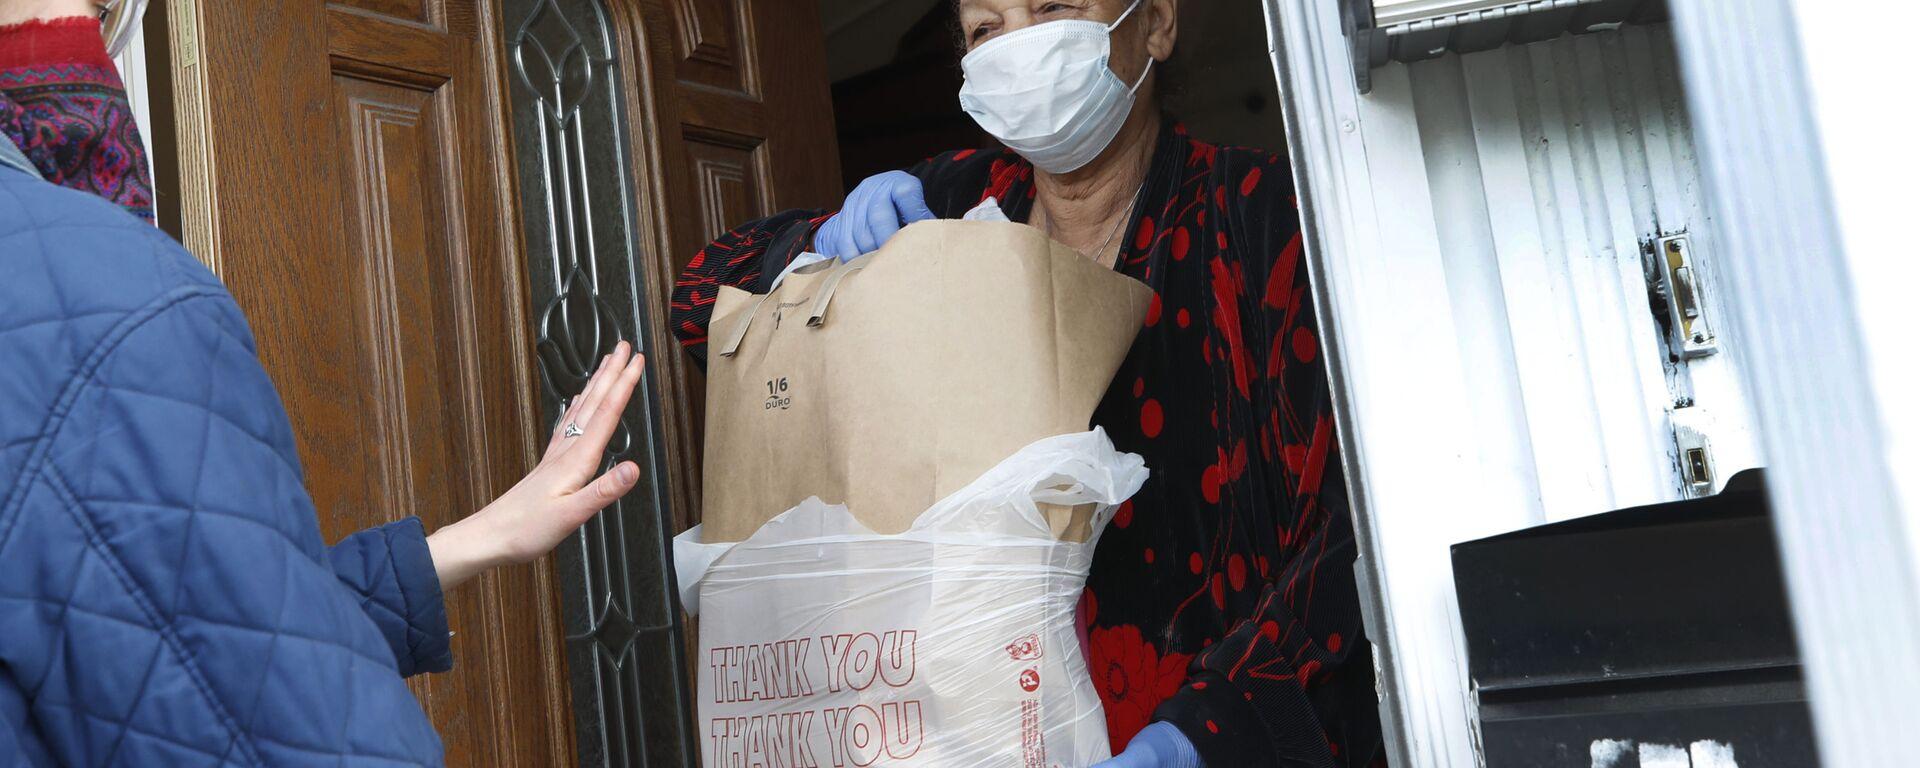 Волонтер передает пакет с продуктами - Sputnik Latvija, 1920, 29.11.2020